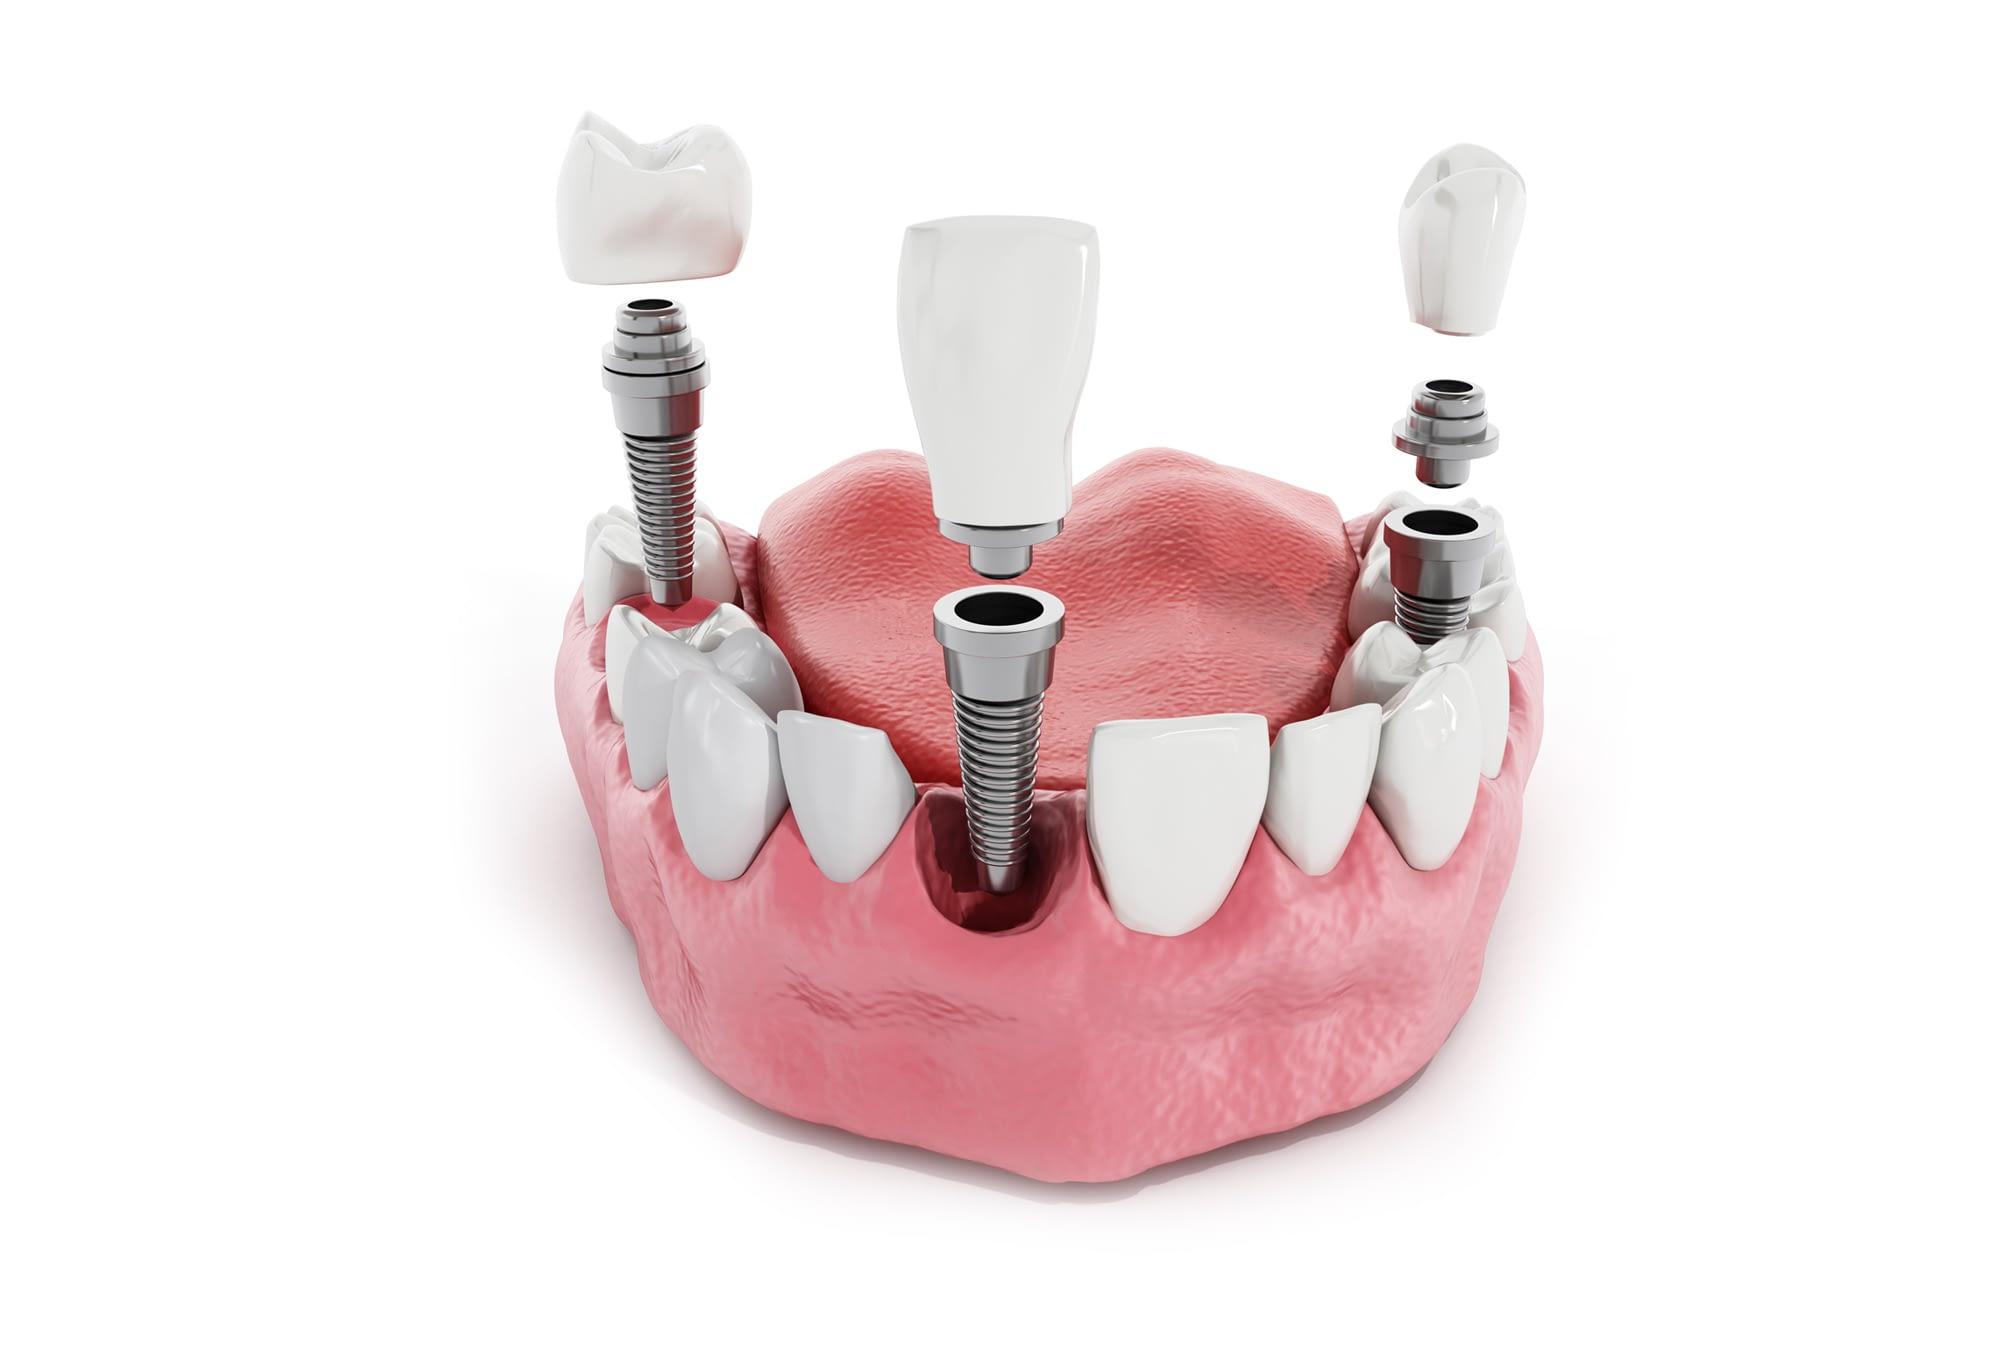 Implant Model Brownstown, MI